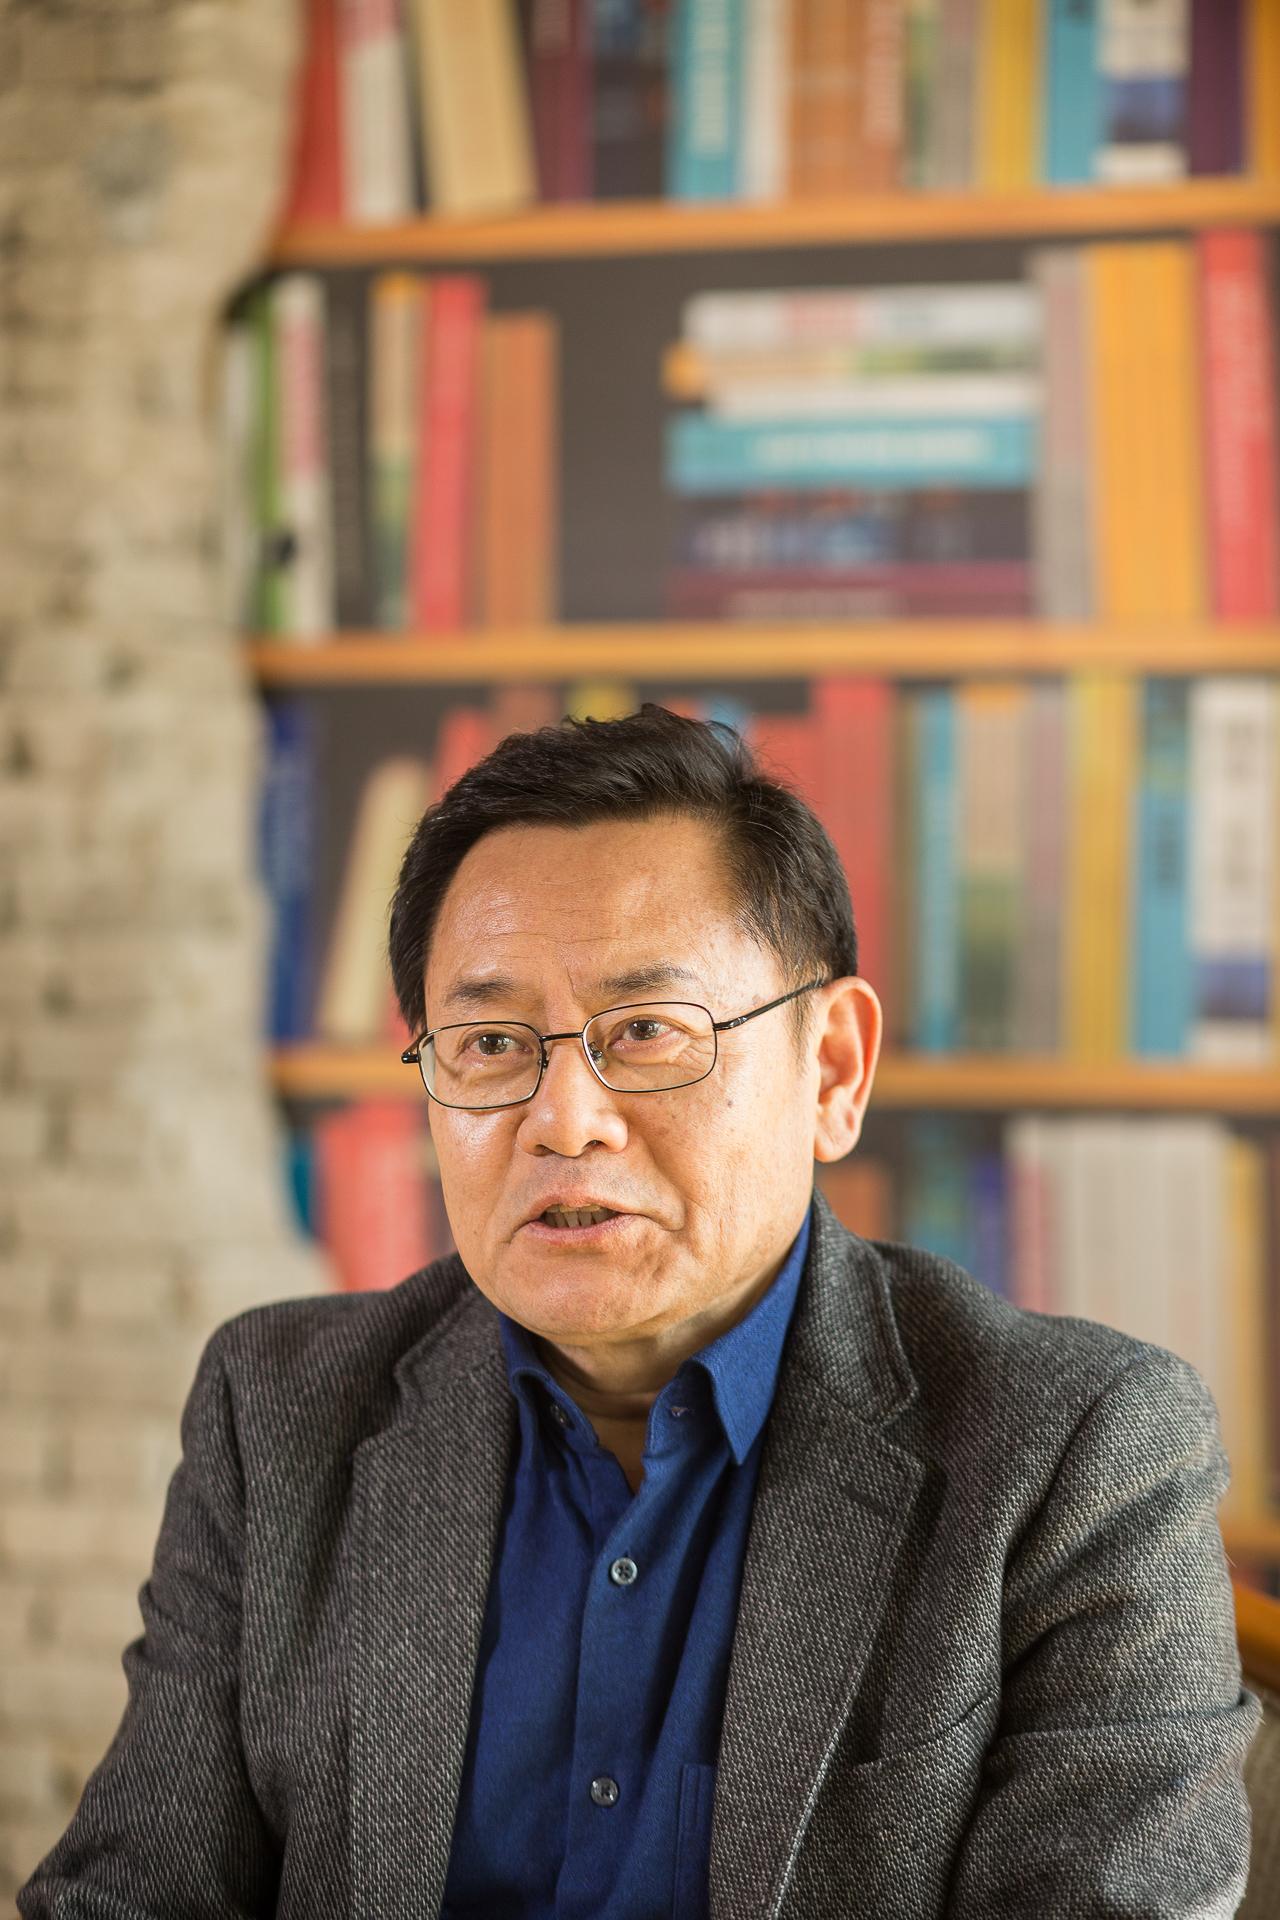 박선정 광주 남구관광청 단장